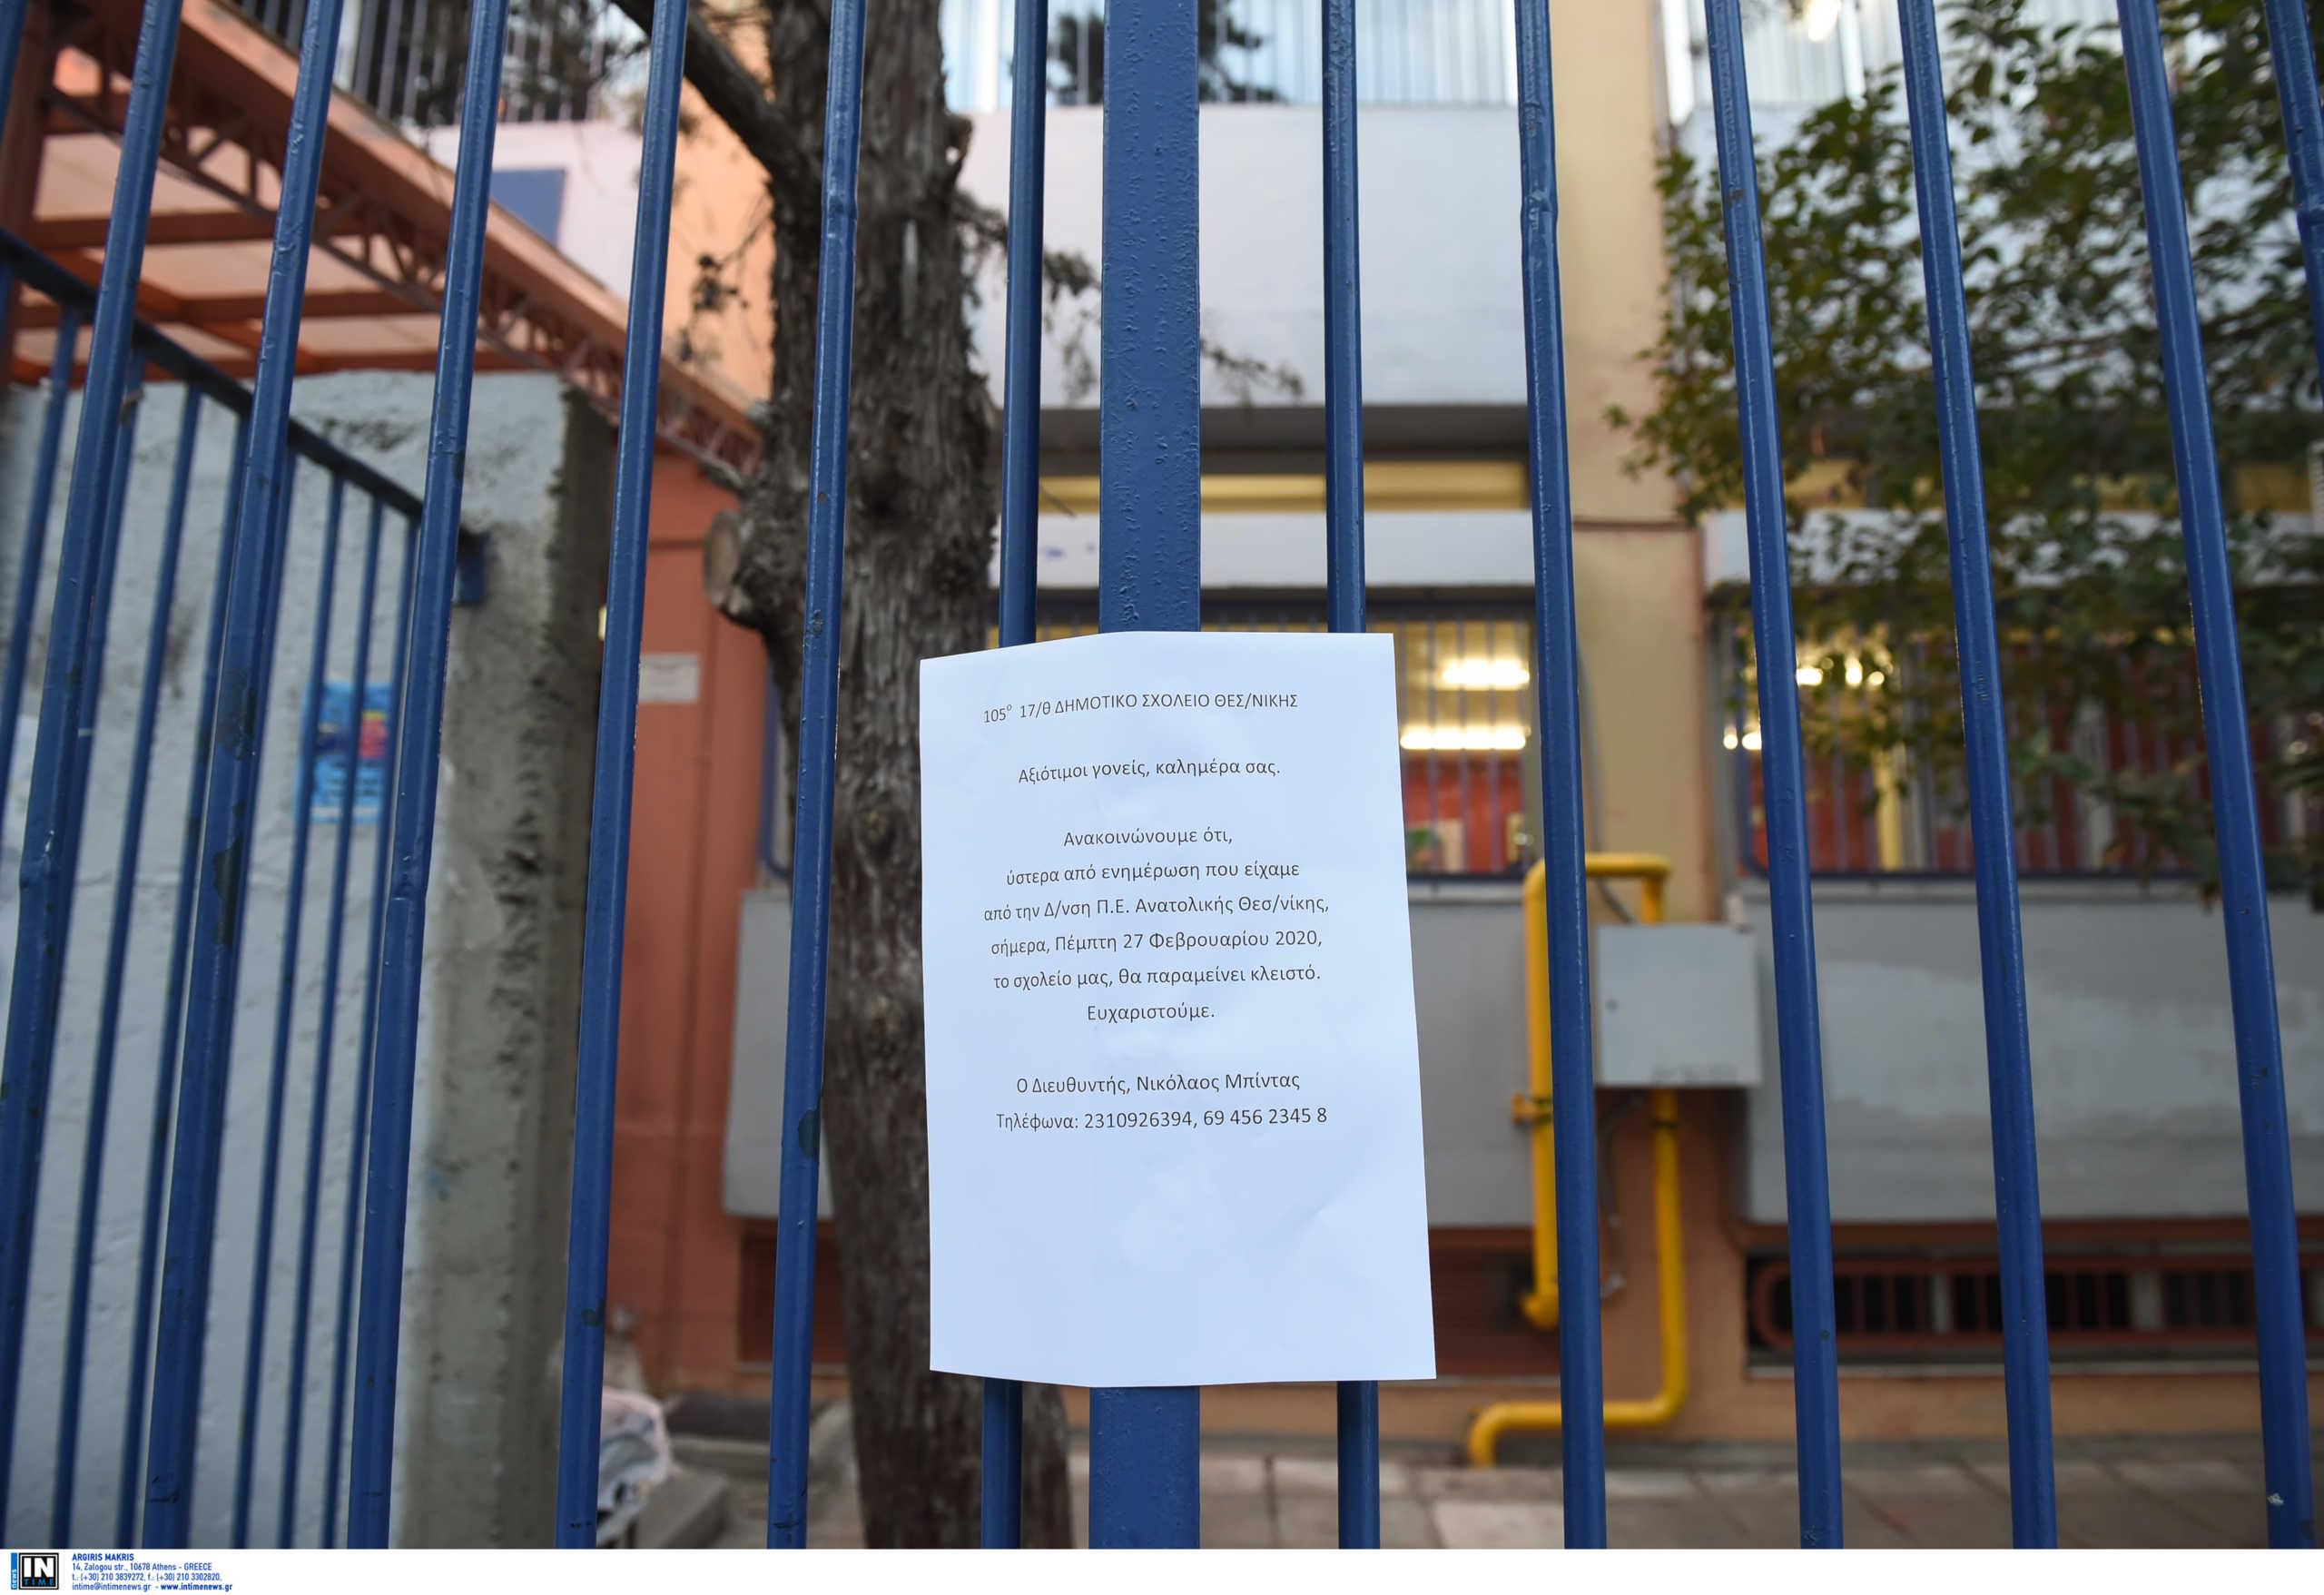 Καλή η κλινική εικόνα της 38χρονης με κορονοϊό στην Θεσσαλονίκη - Έτσι ελέγχθηκαν όσοι ήρθαν σε επαφή μαζί της - Απολυμάνθηκε το δημαρχείο